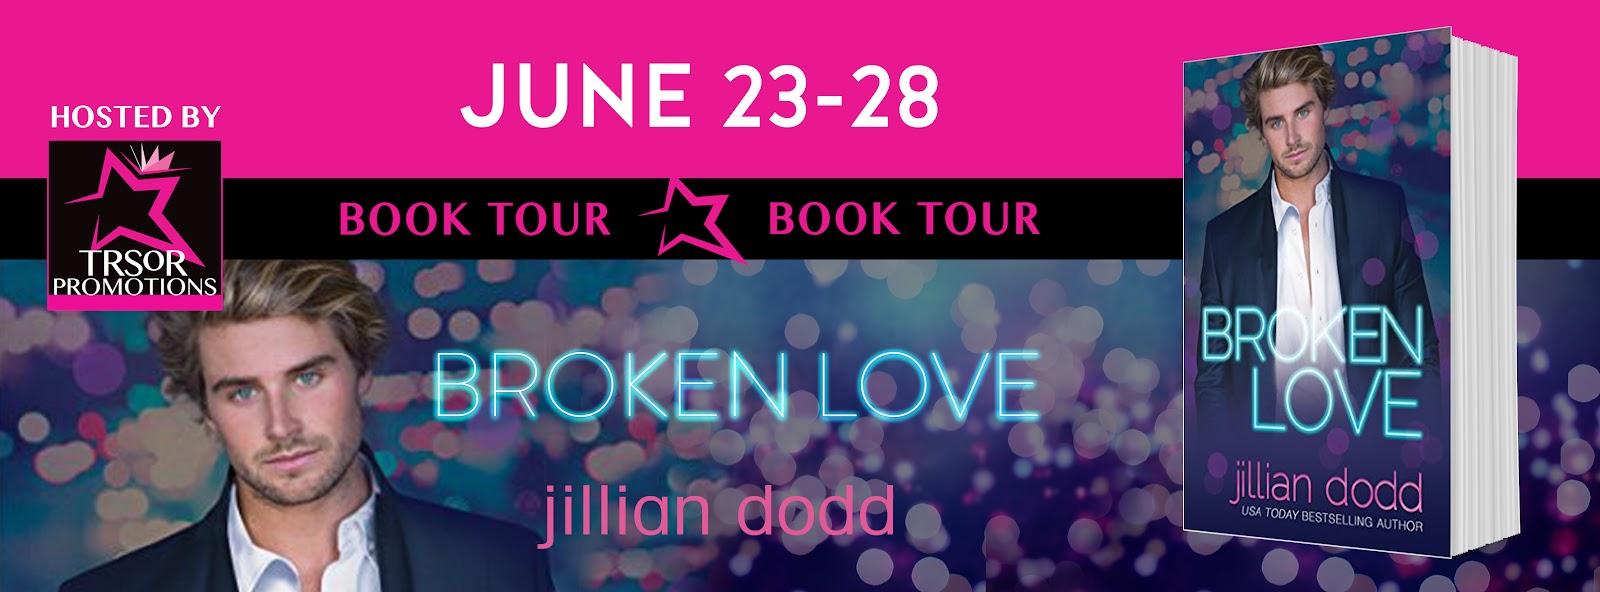 Book Tour: Broken Love by Jillian Dodd